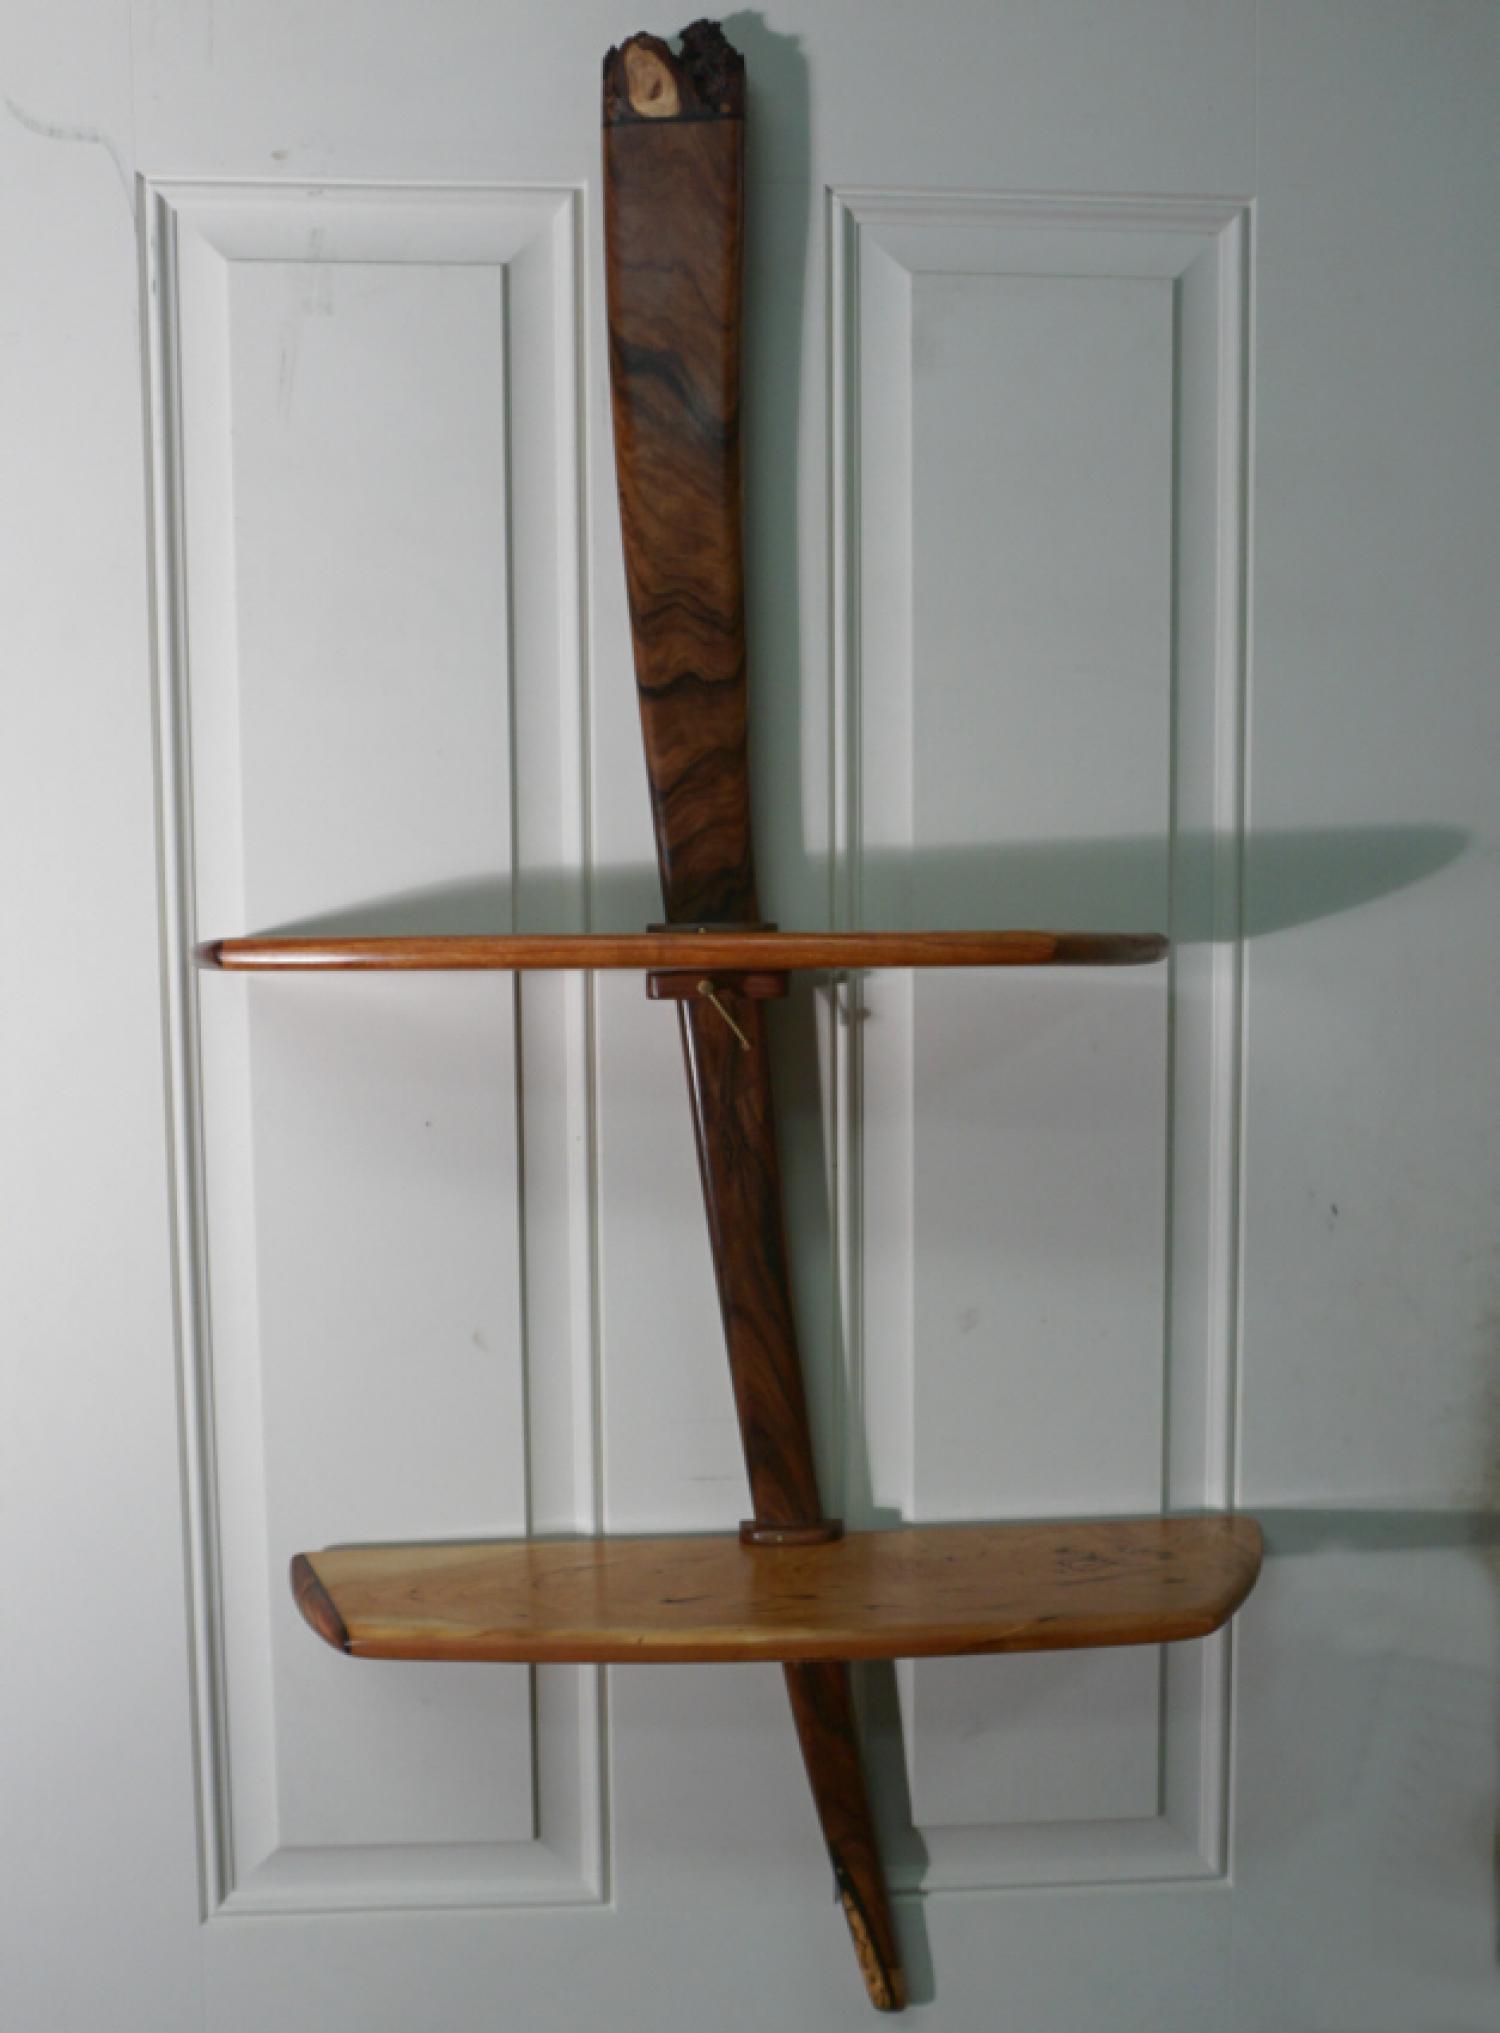 Peter Czuk hand crafted artisan wall shelf